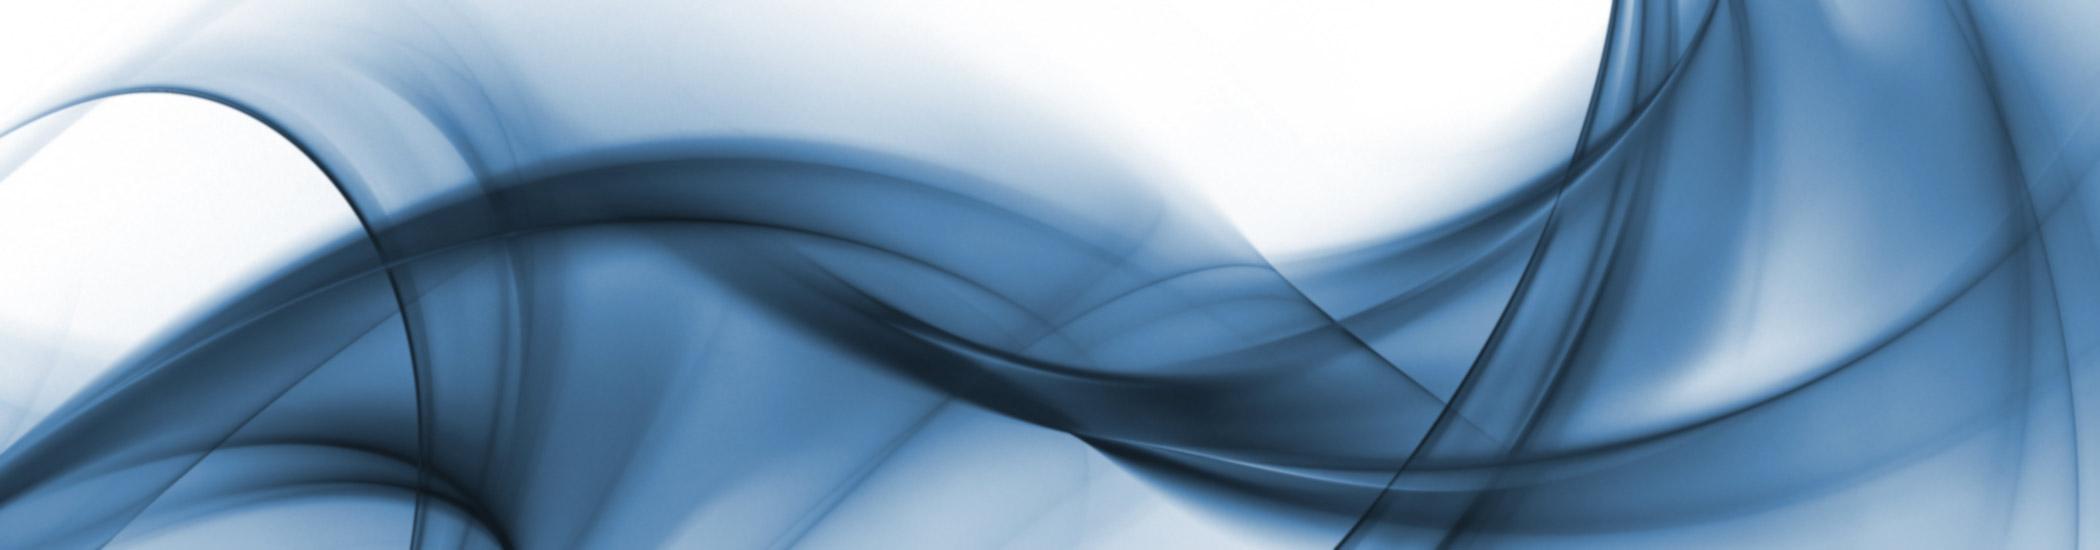 bg-slide-bergamini-colorificio-bolzano